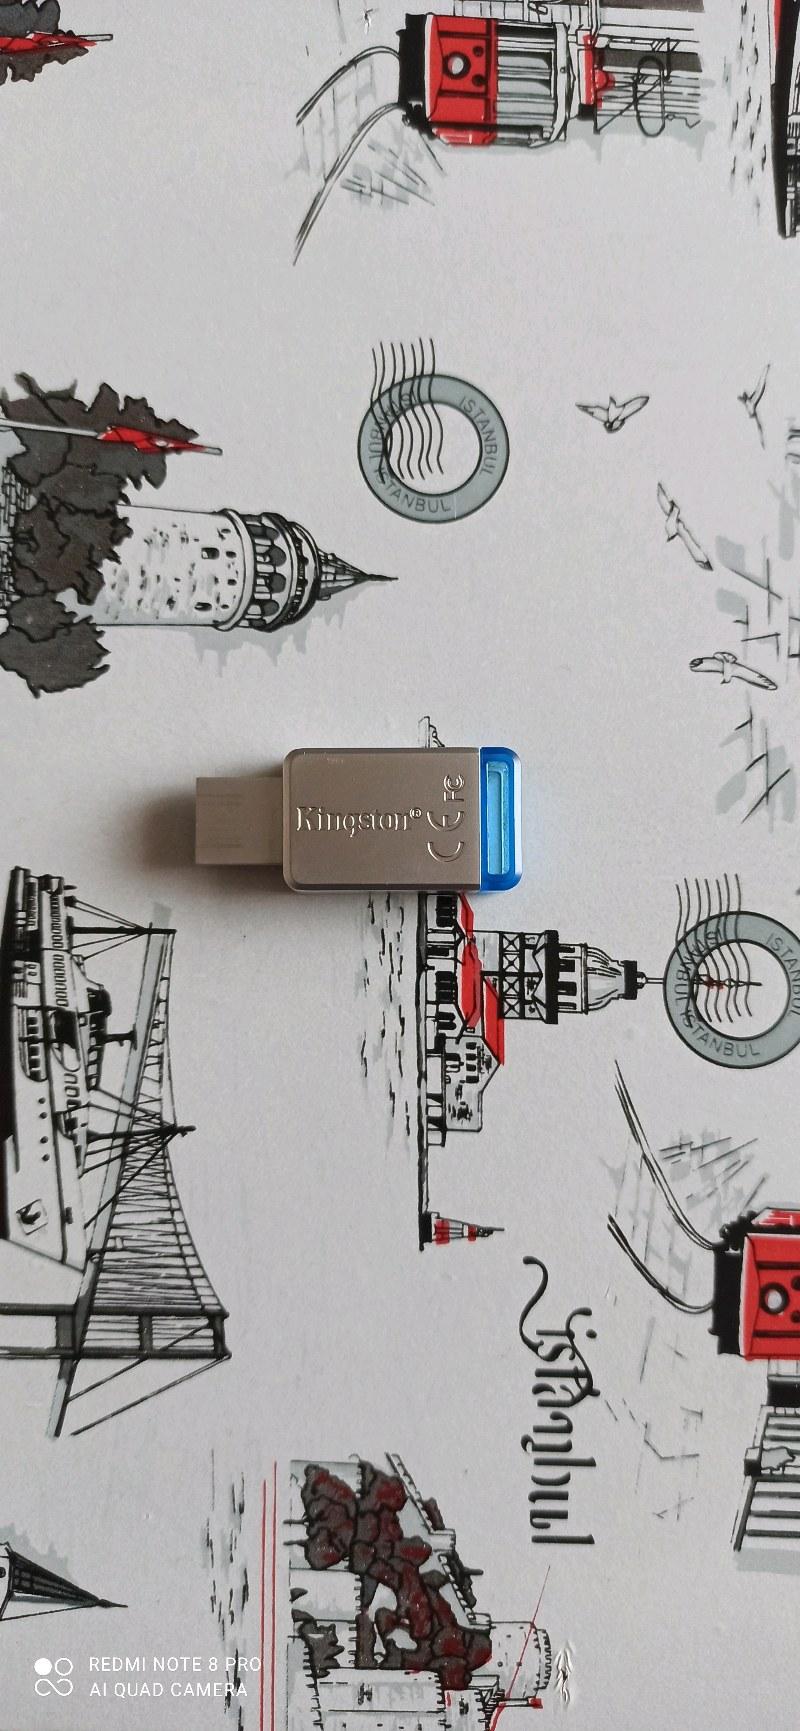 GARANTİLİ 64 GB KİNGSTON 3.0 USB BELLEK